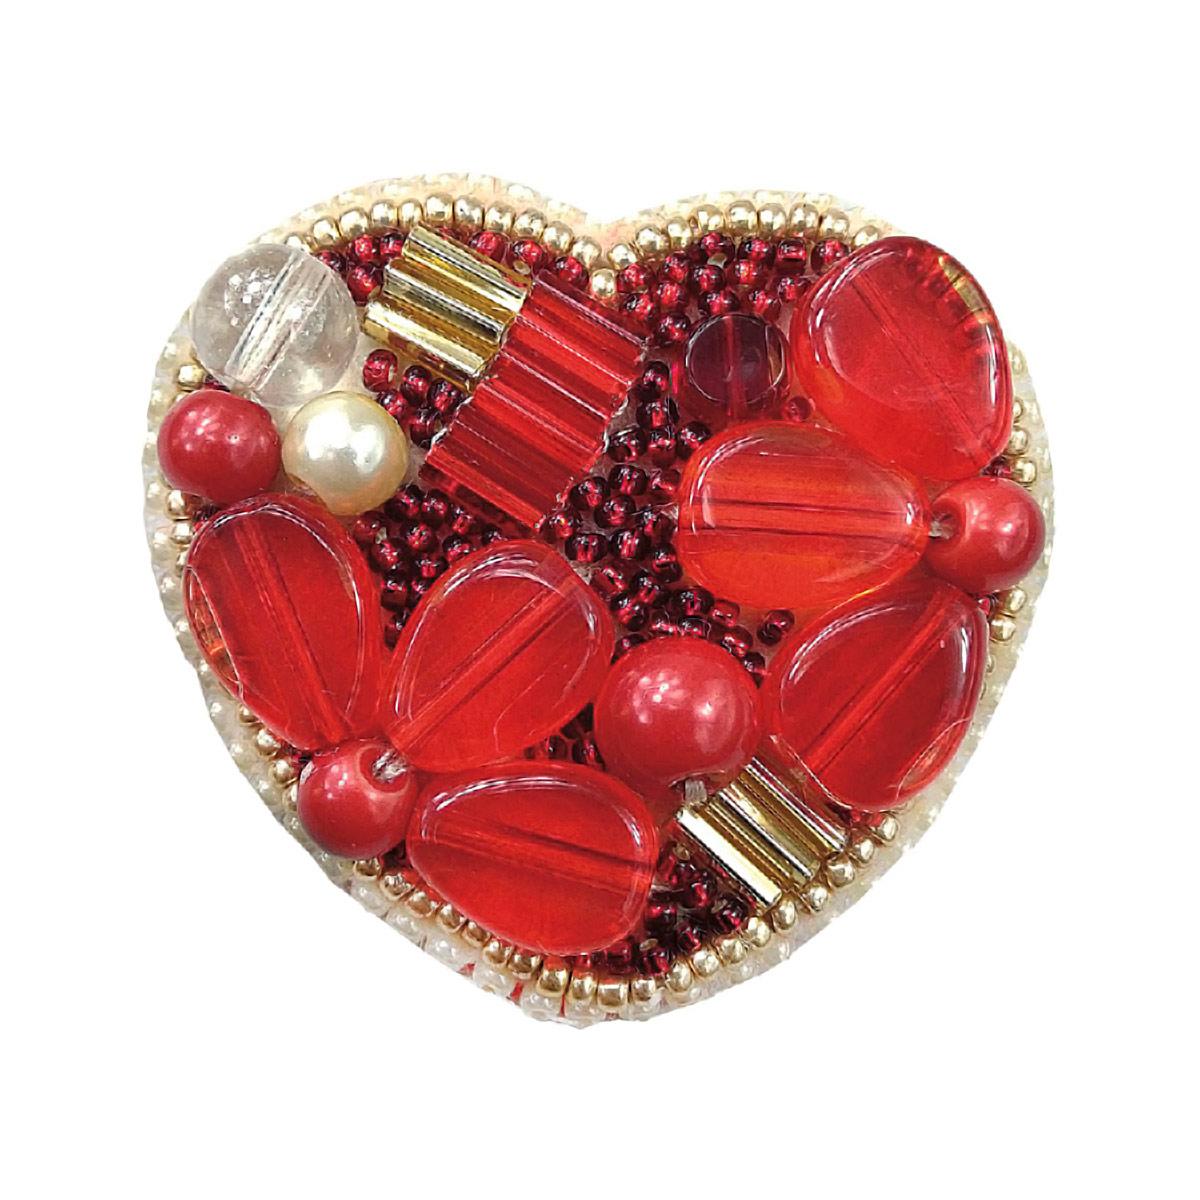 БП200 Набор для изготовления броши 'Сердце' 5,0*5,0см